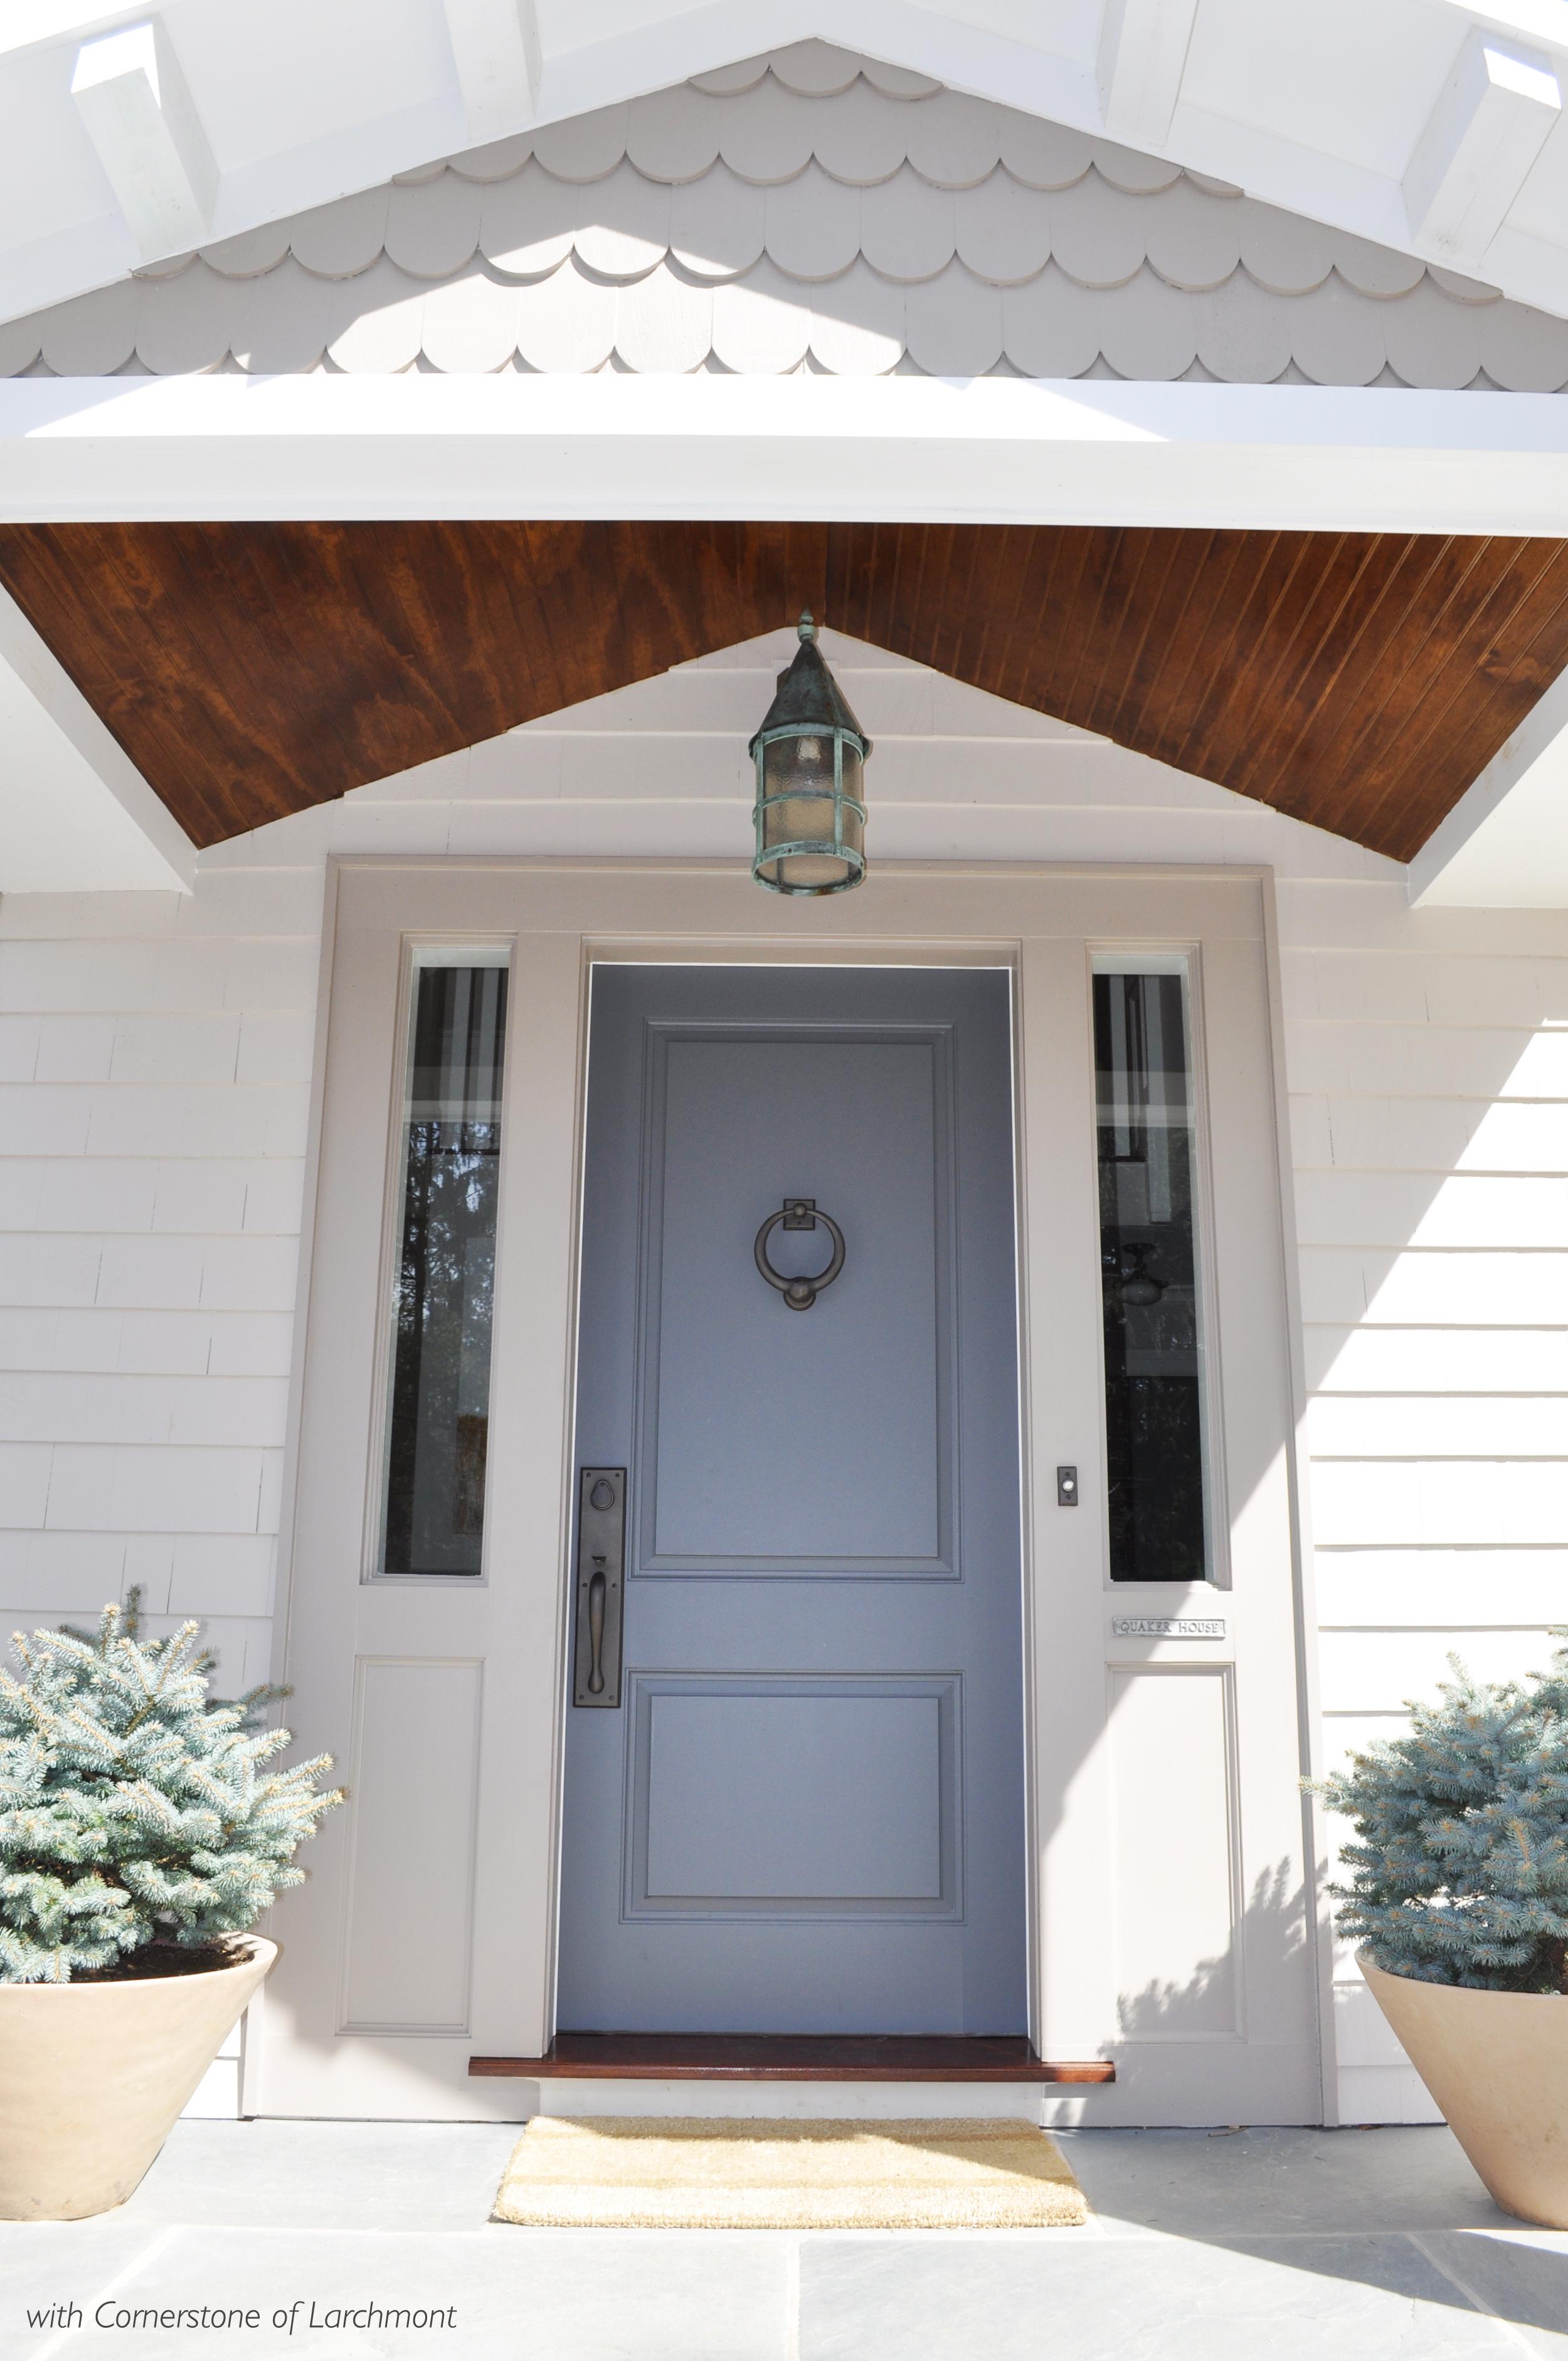 Residential Exterior_Front Door_Blue Door_Sidelights_Exterior Paint Colors_KAM DESIGN LLC.jpg